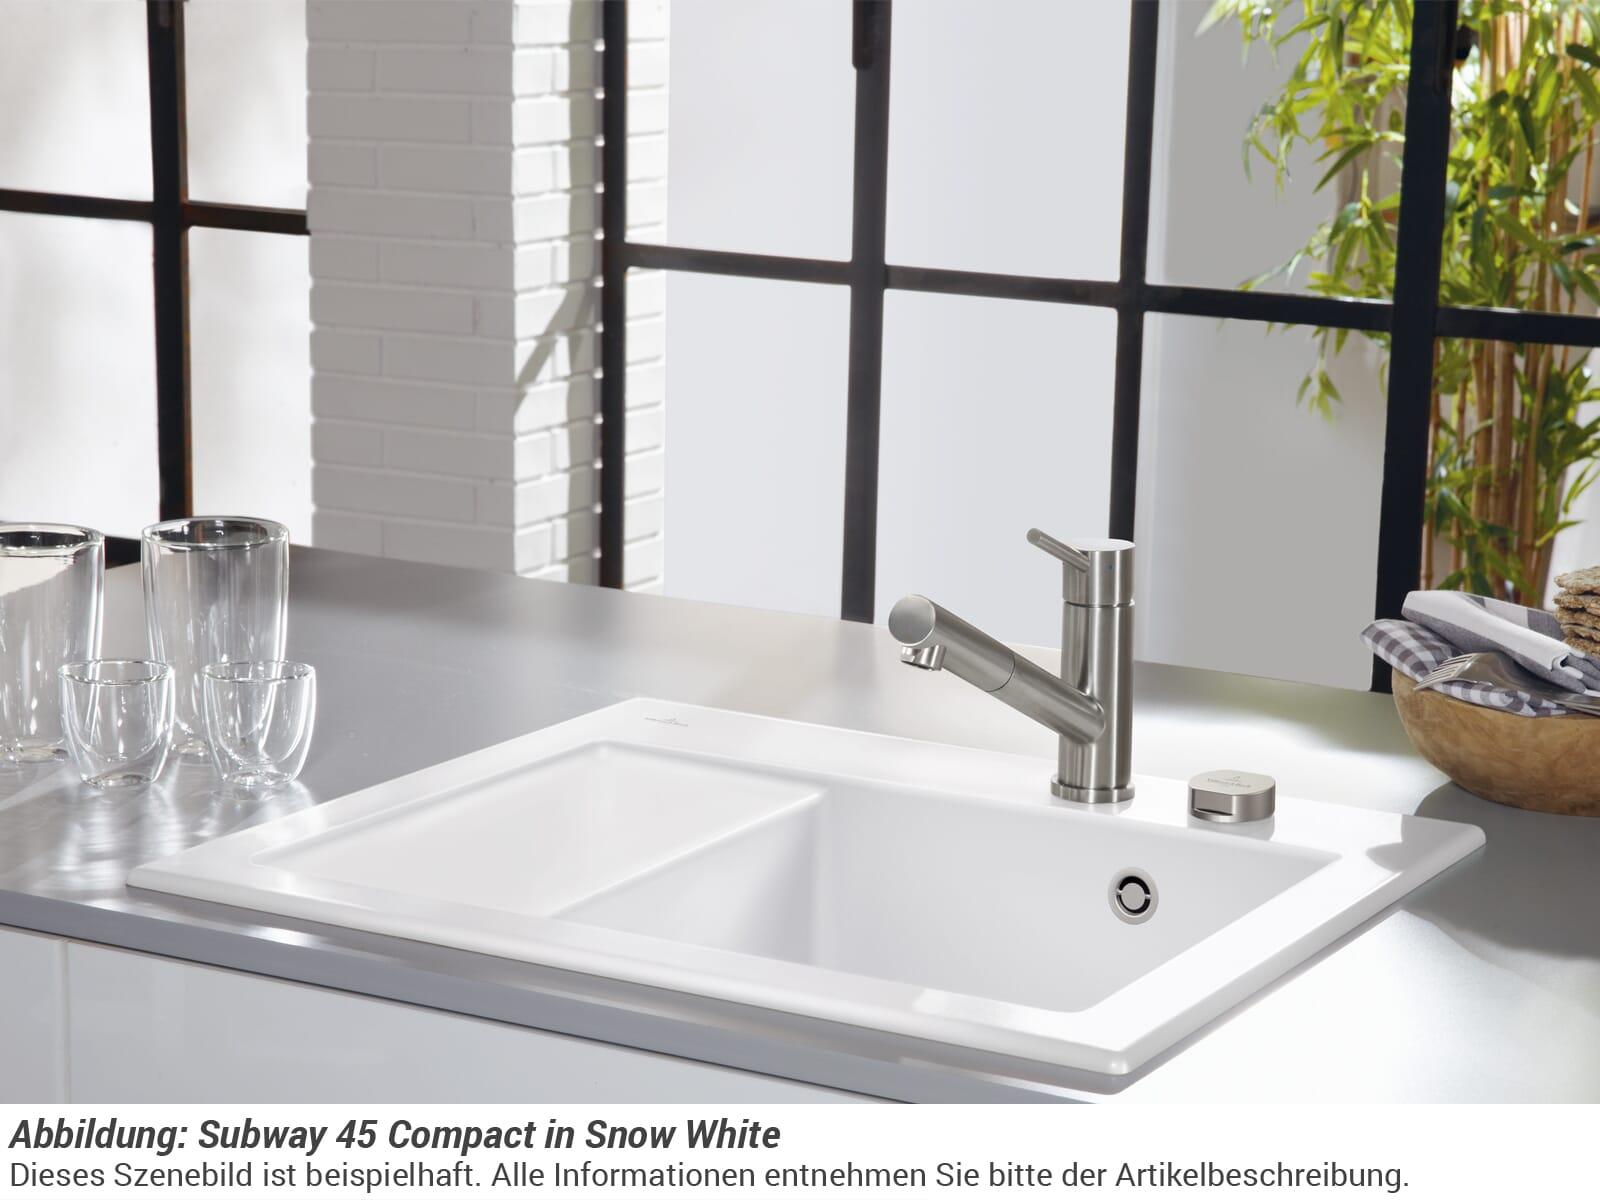 Villeroy & Boch Subway 45 Compact - 3313 02 KG Snow White Keramikspüle Excenterbetätigung